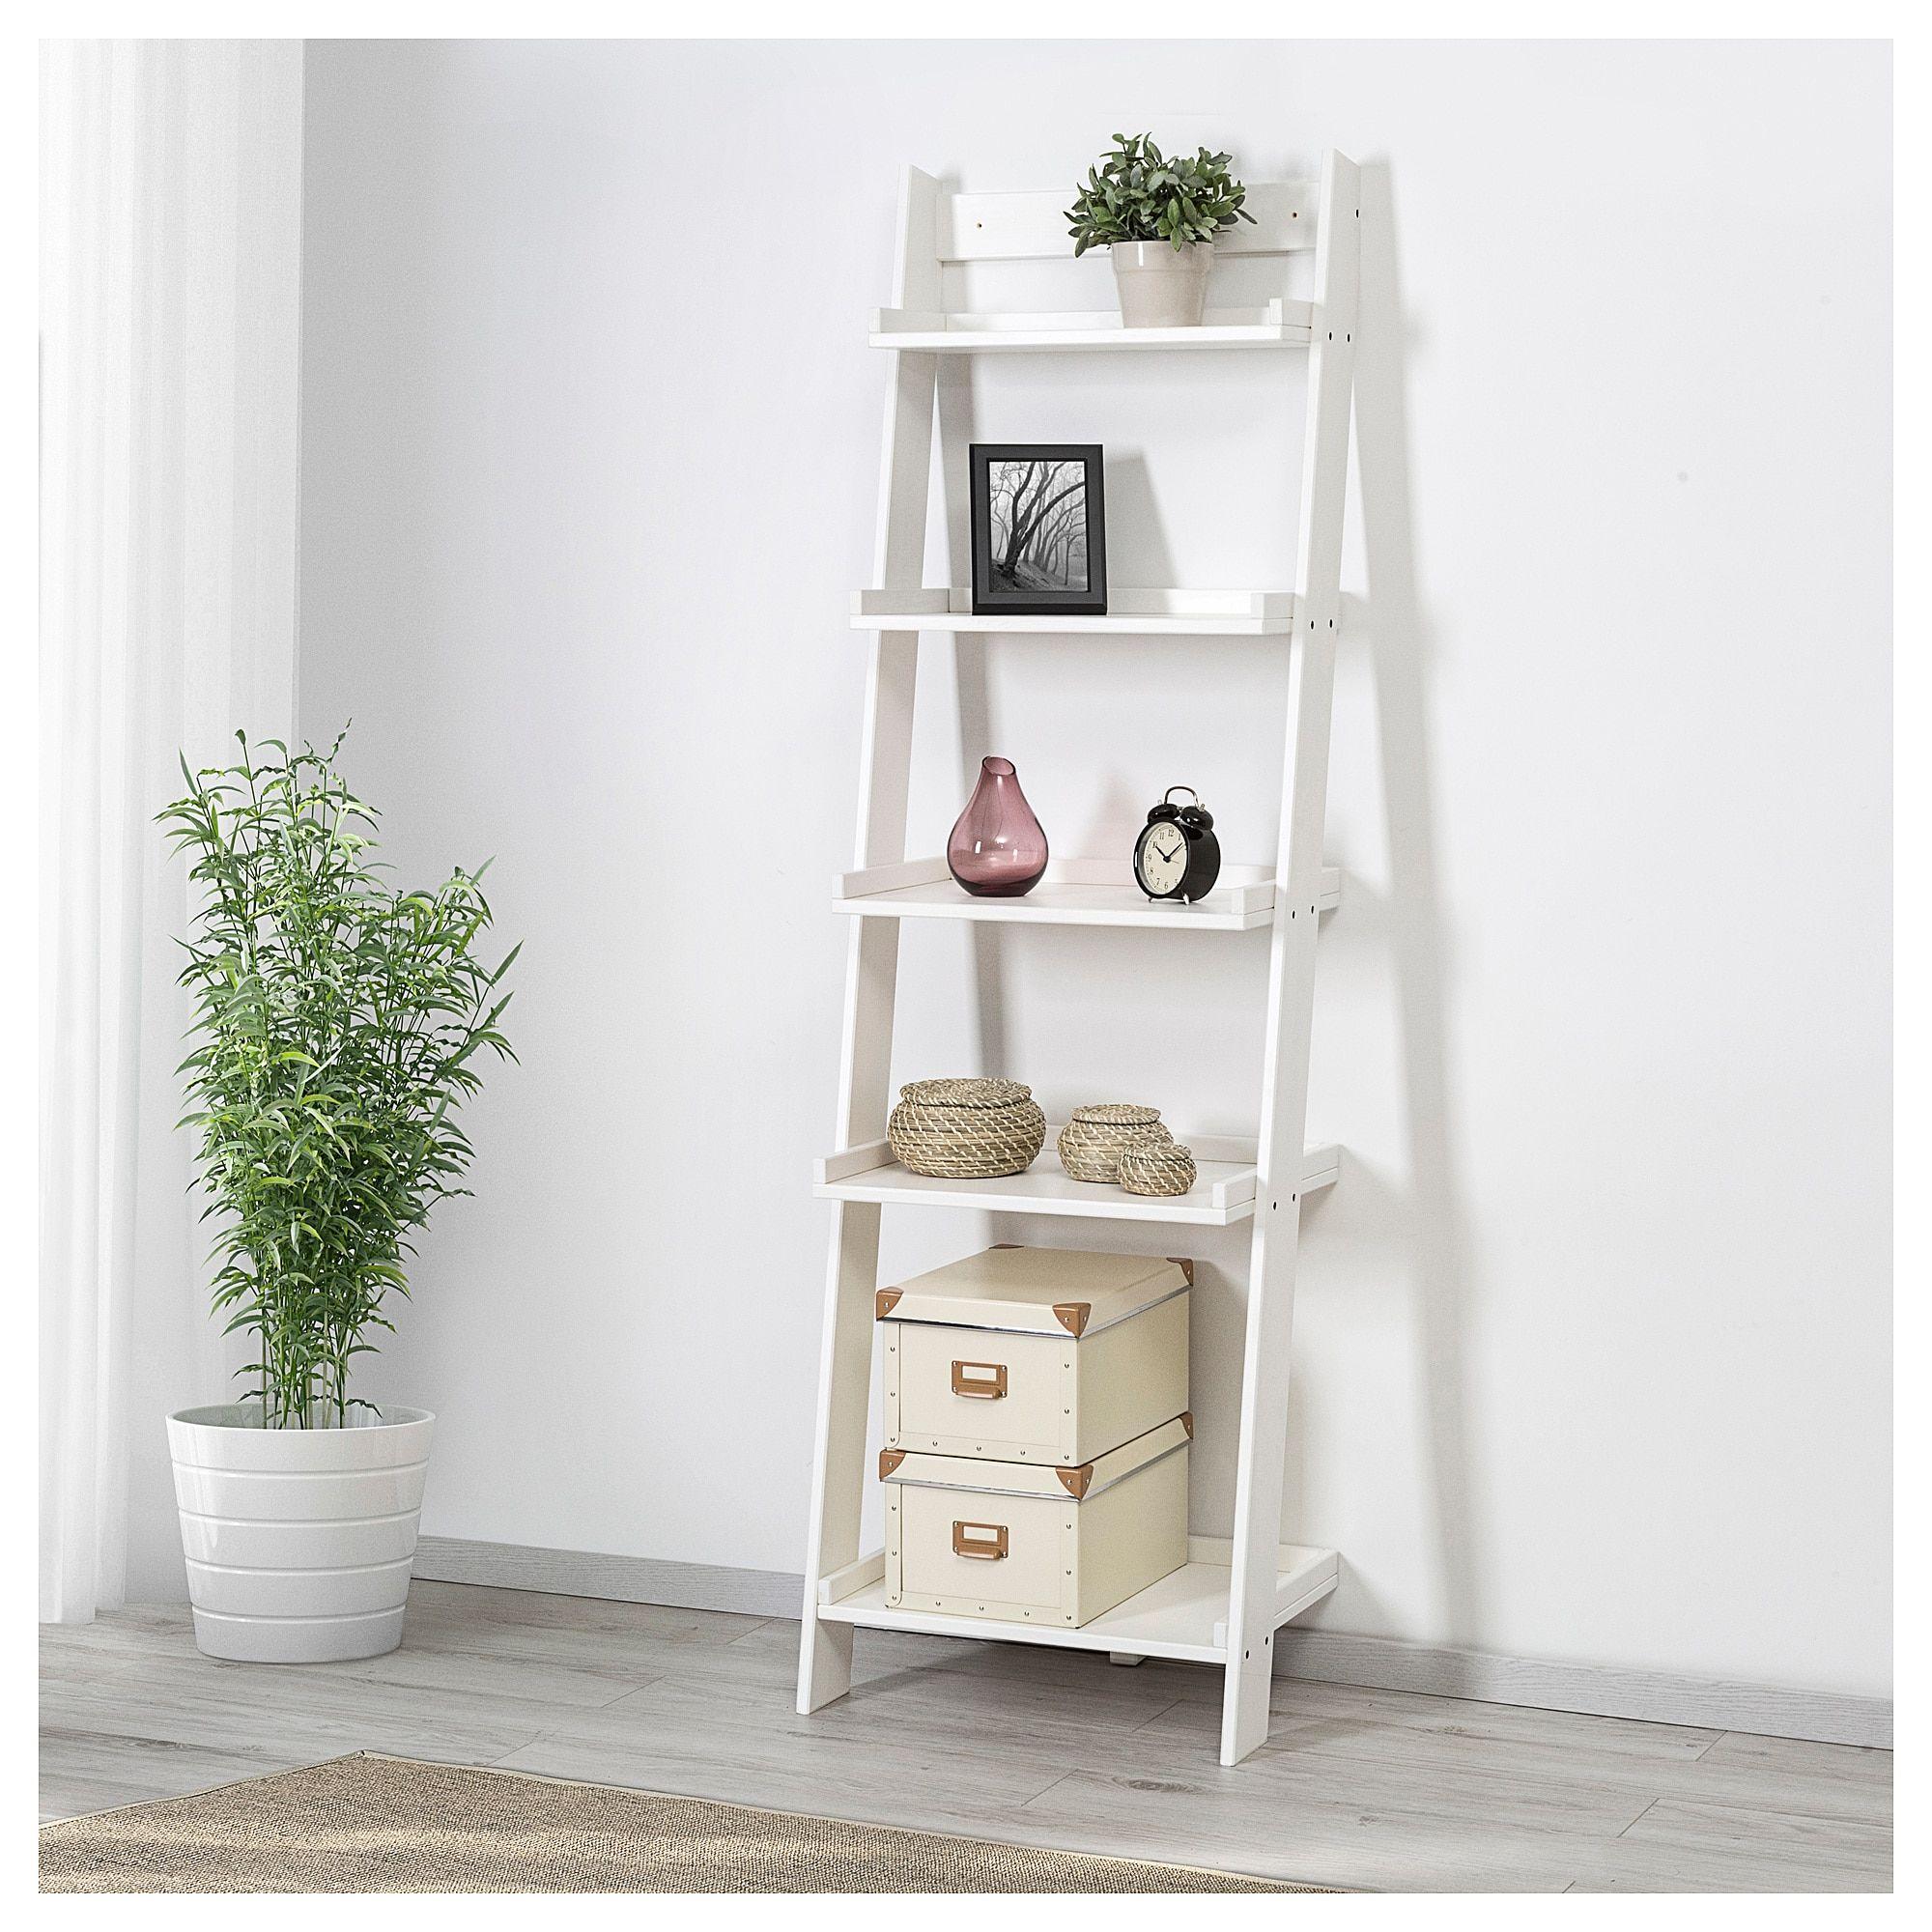 IKEA US Furniture and Home Furnishings Ladder shelf